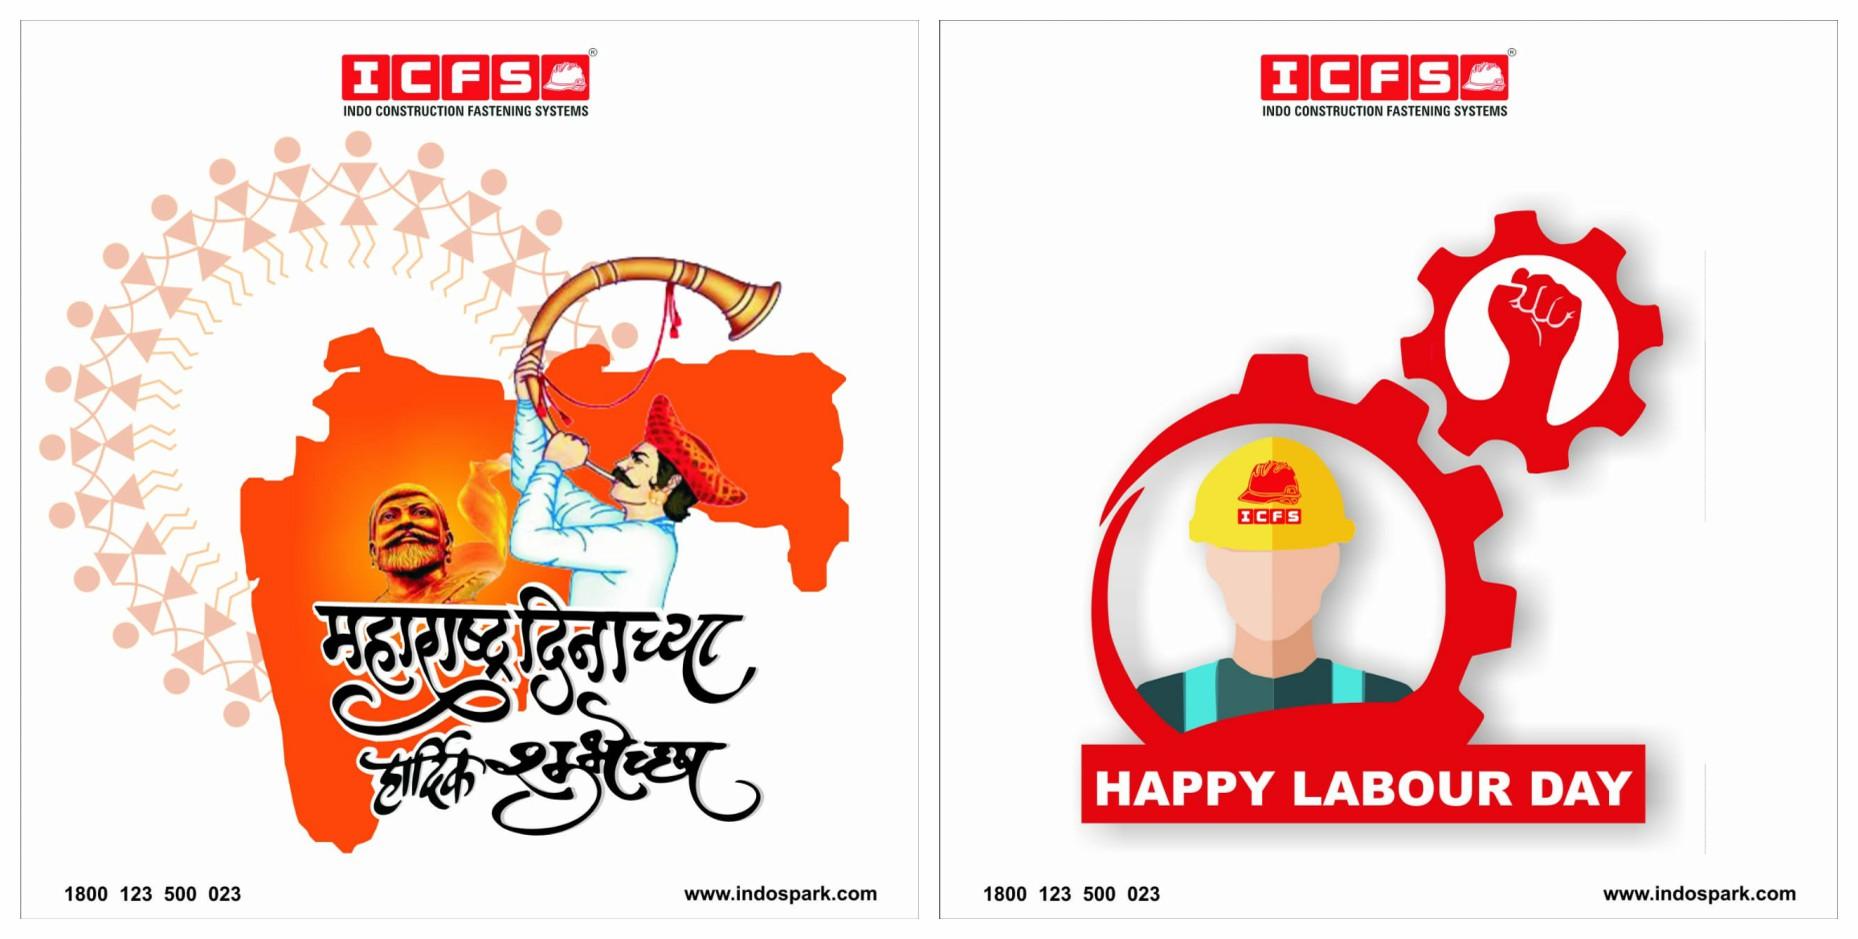 महाराष्ट्र आणि कामगार दिनाच्या हार्दिक शुभेच्छा!